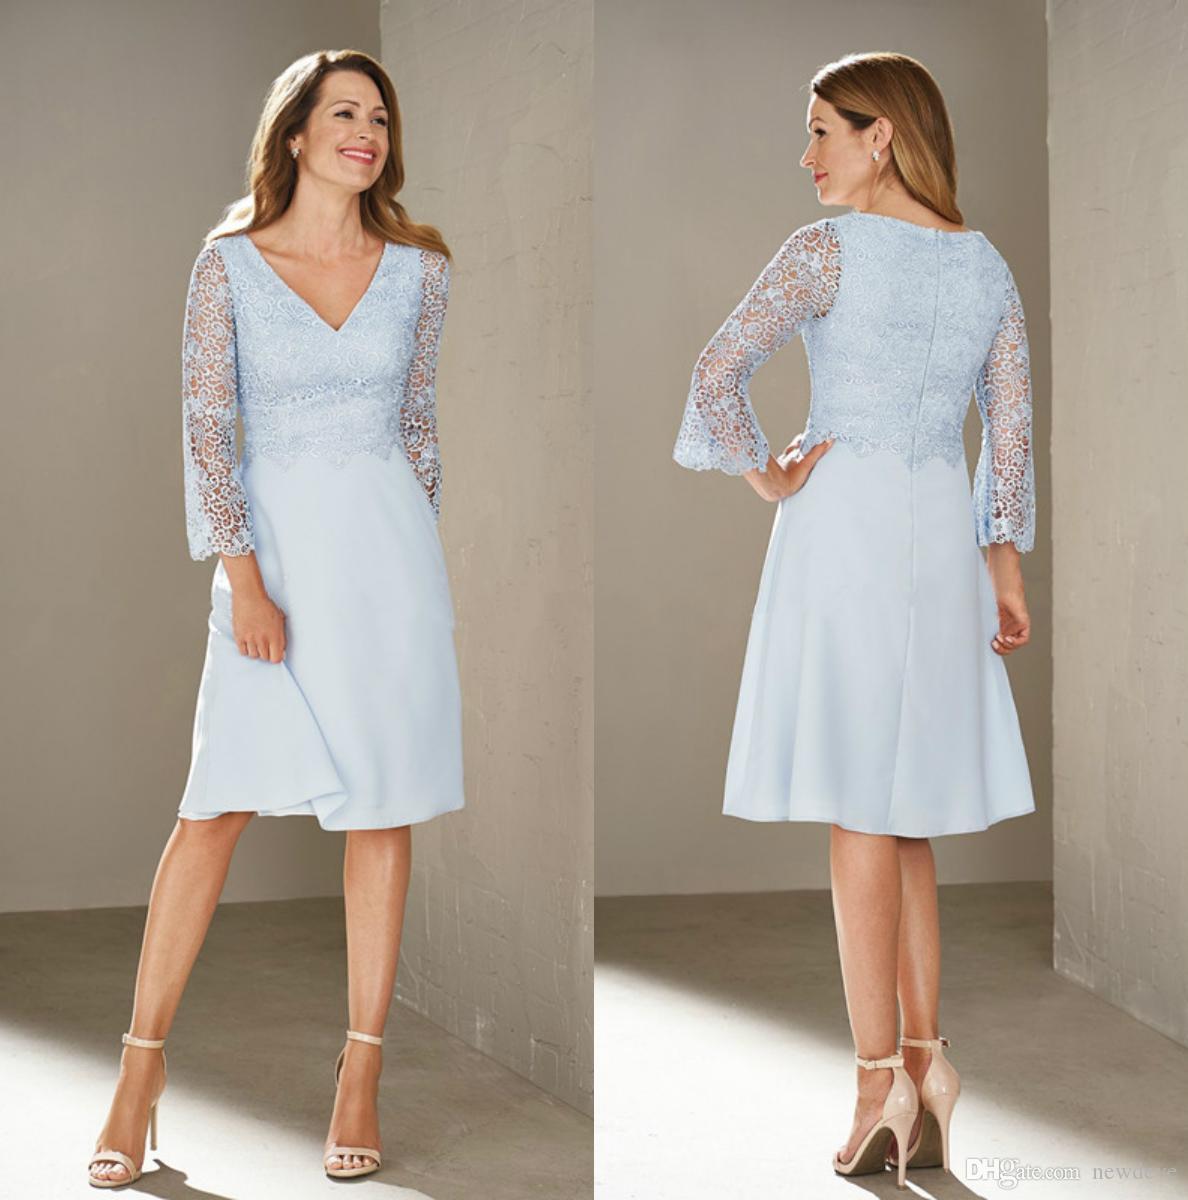 großhandel himmelblau knielangen kleider für die brautmutter v ausschnitt  formelle abendgarderobe spitze hochzeitsgast kleid mit langen Ärmeln von